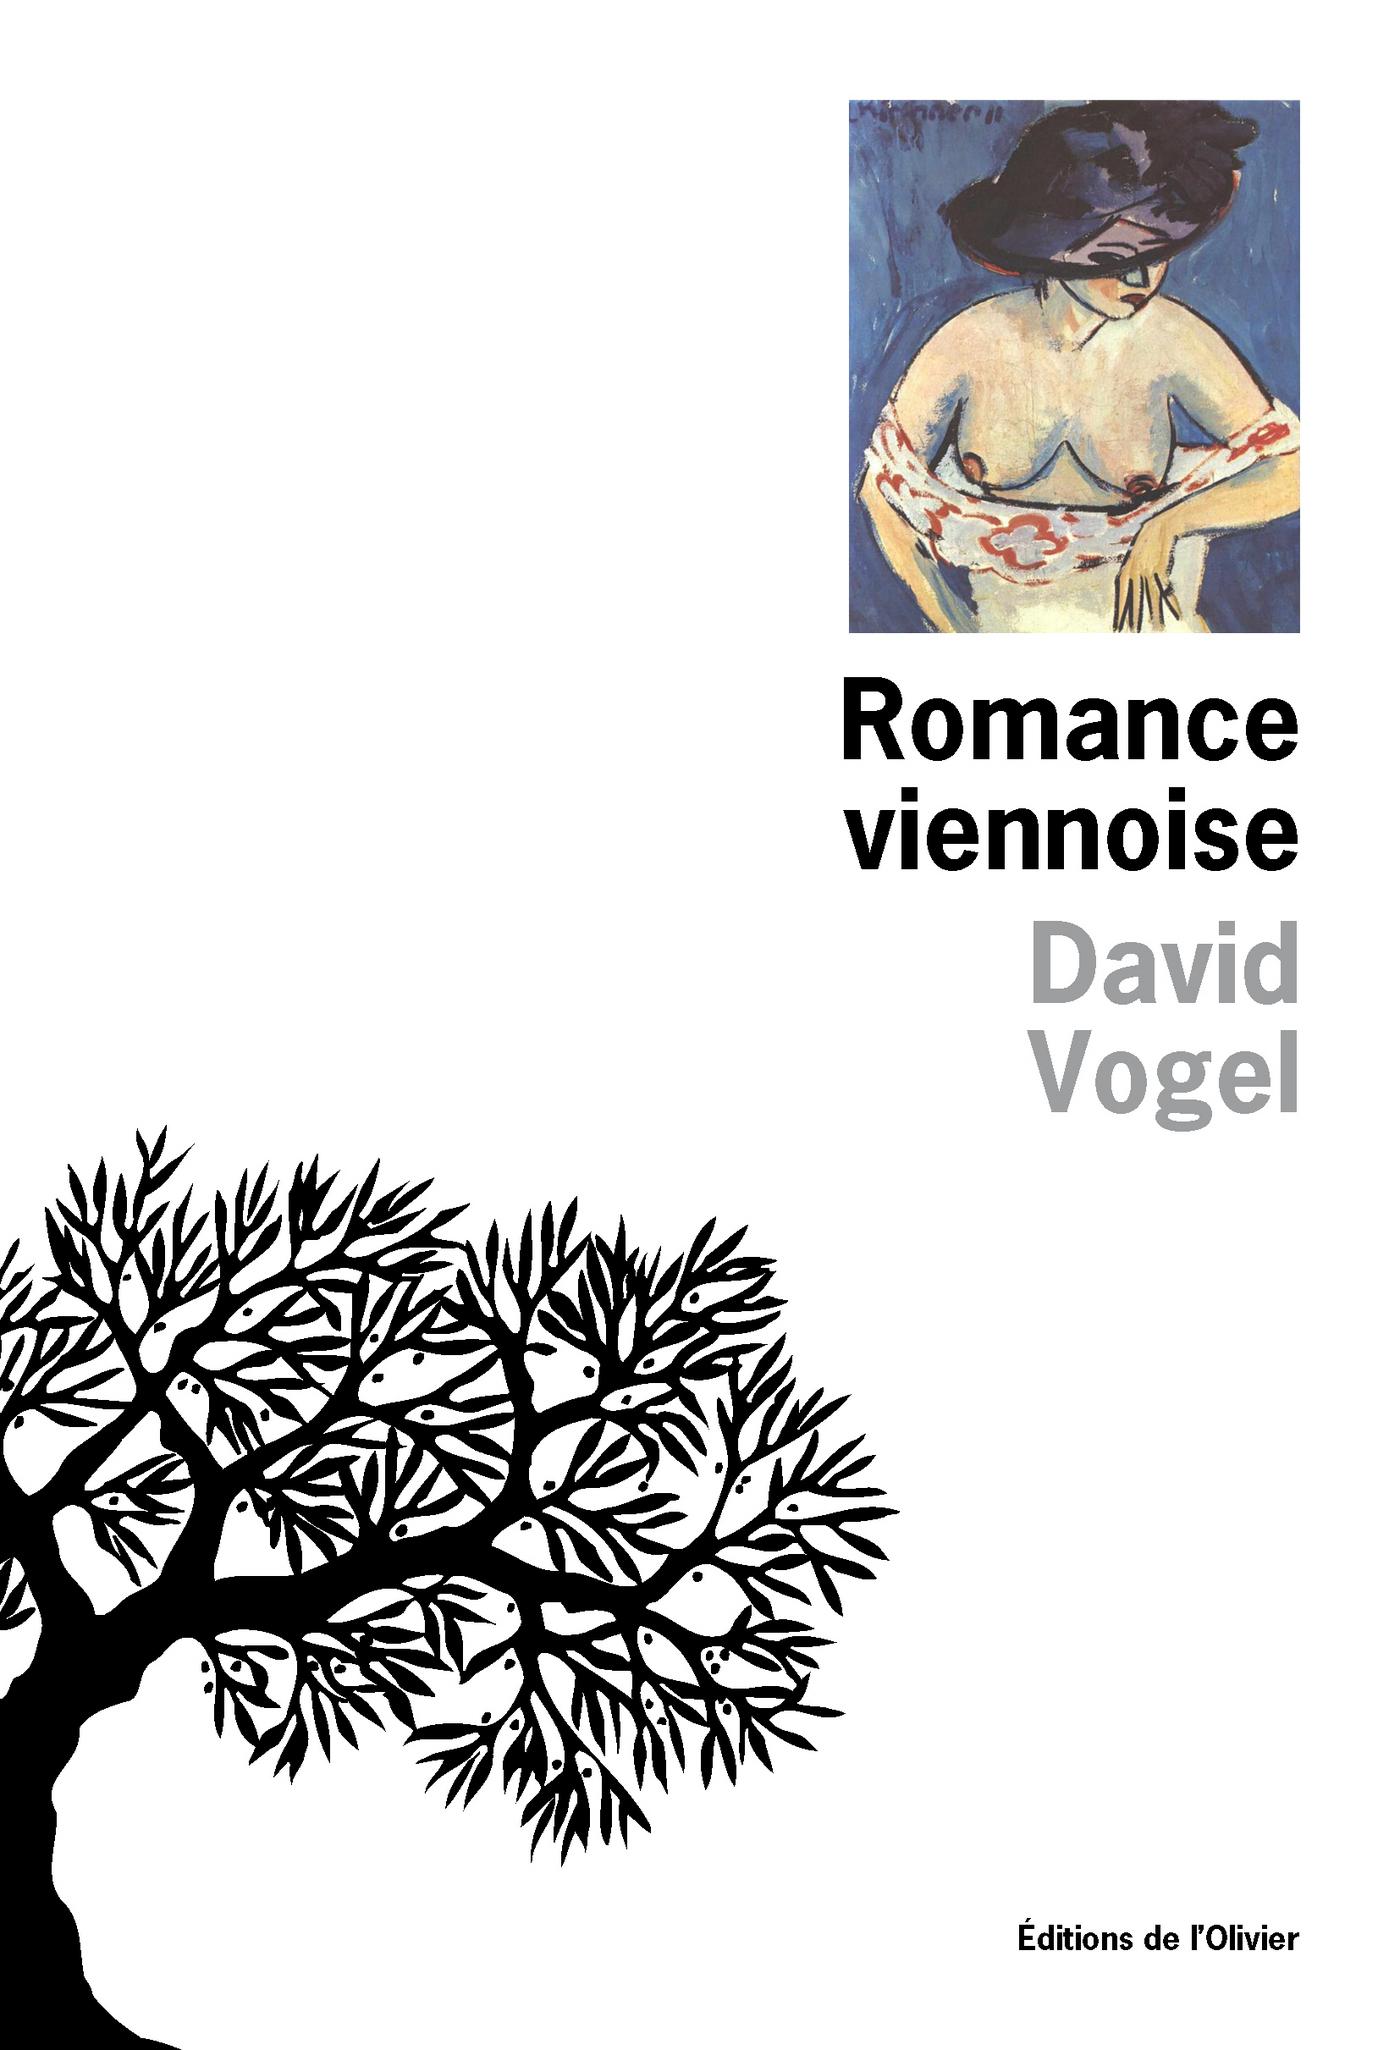 Romance viennoise